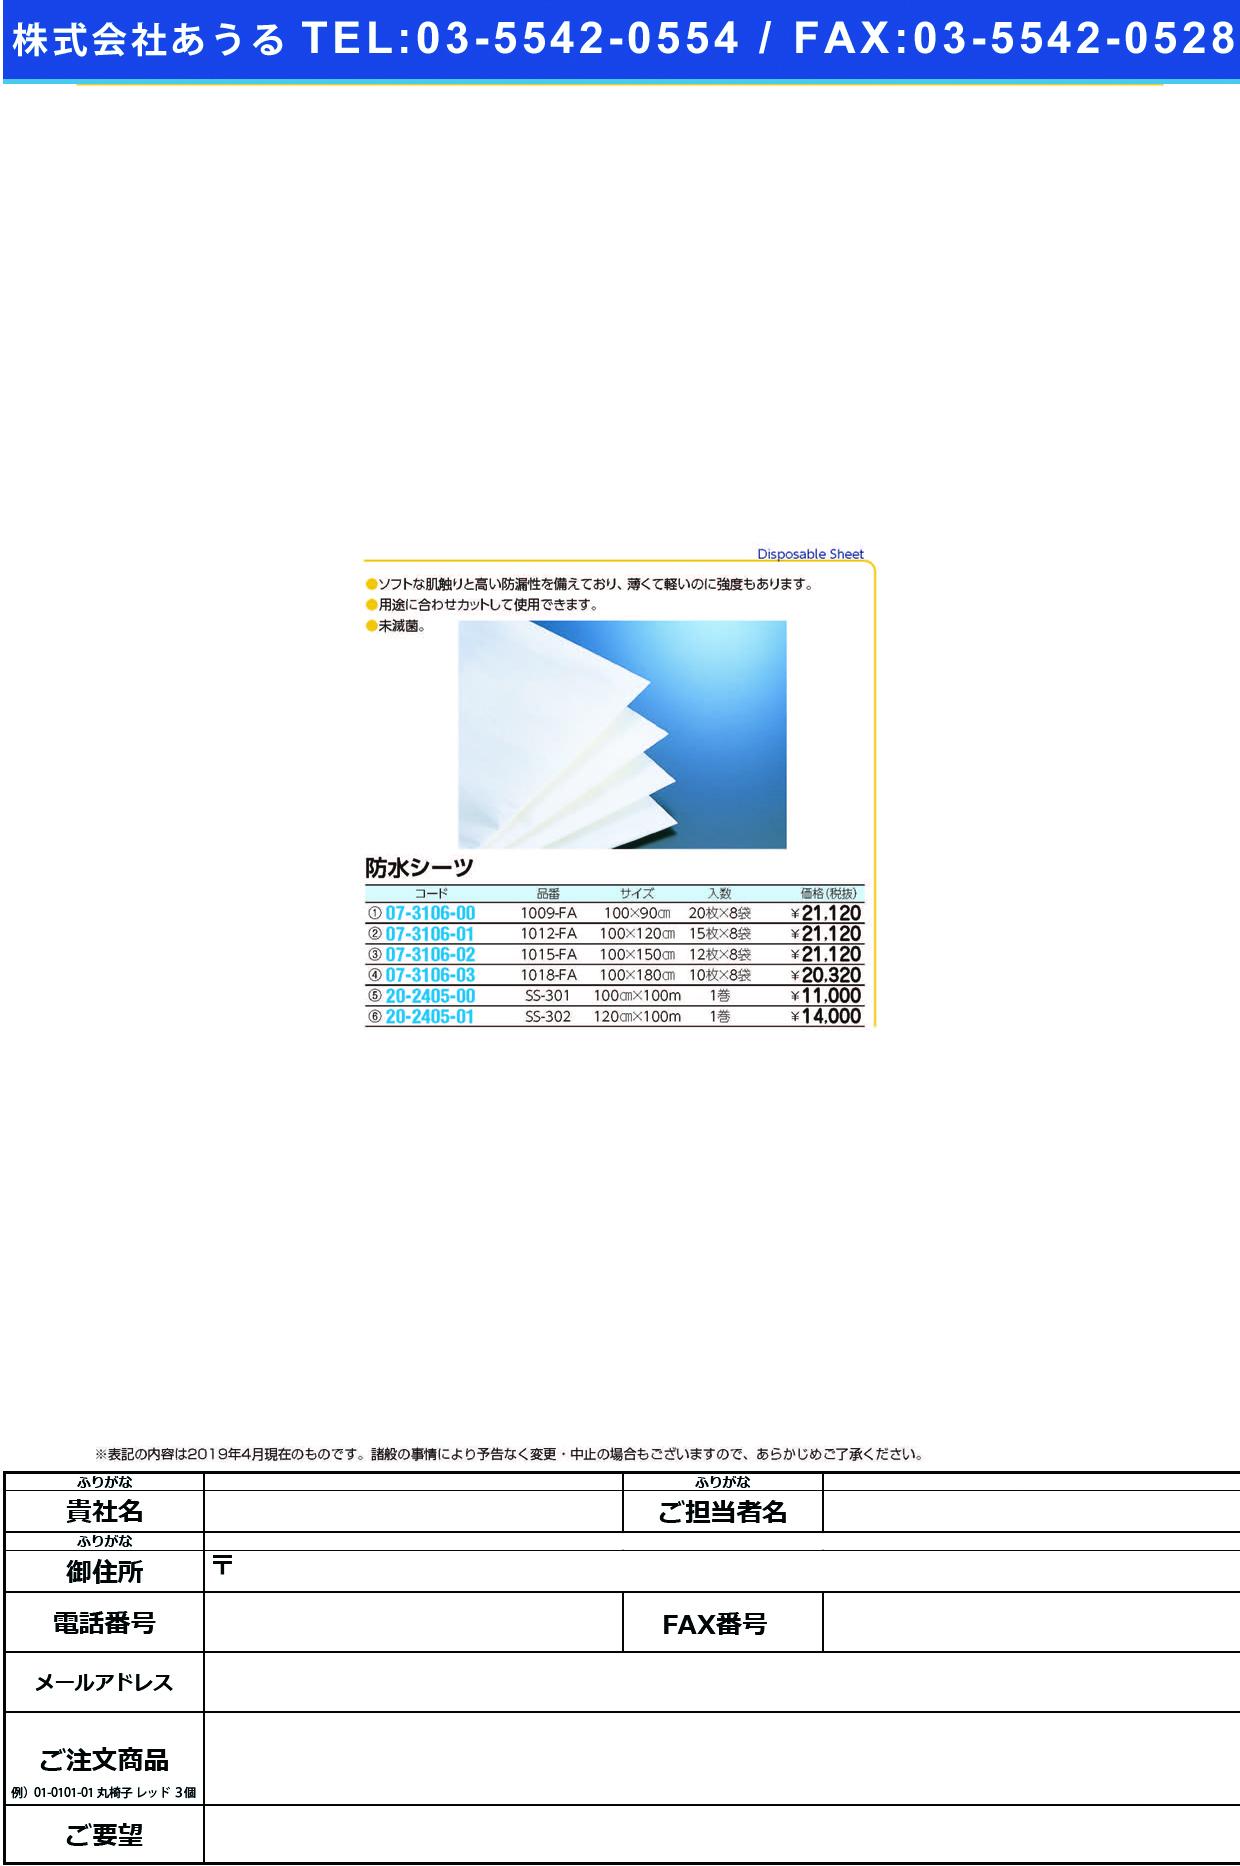 (20-2405-01)防水シーツ(未滅菌) SS-302(120CMX100M) ボウスイシーツ(ミメッキン)(バイリーンクリエイト)【1巻単位】【2019年カタログ商品】